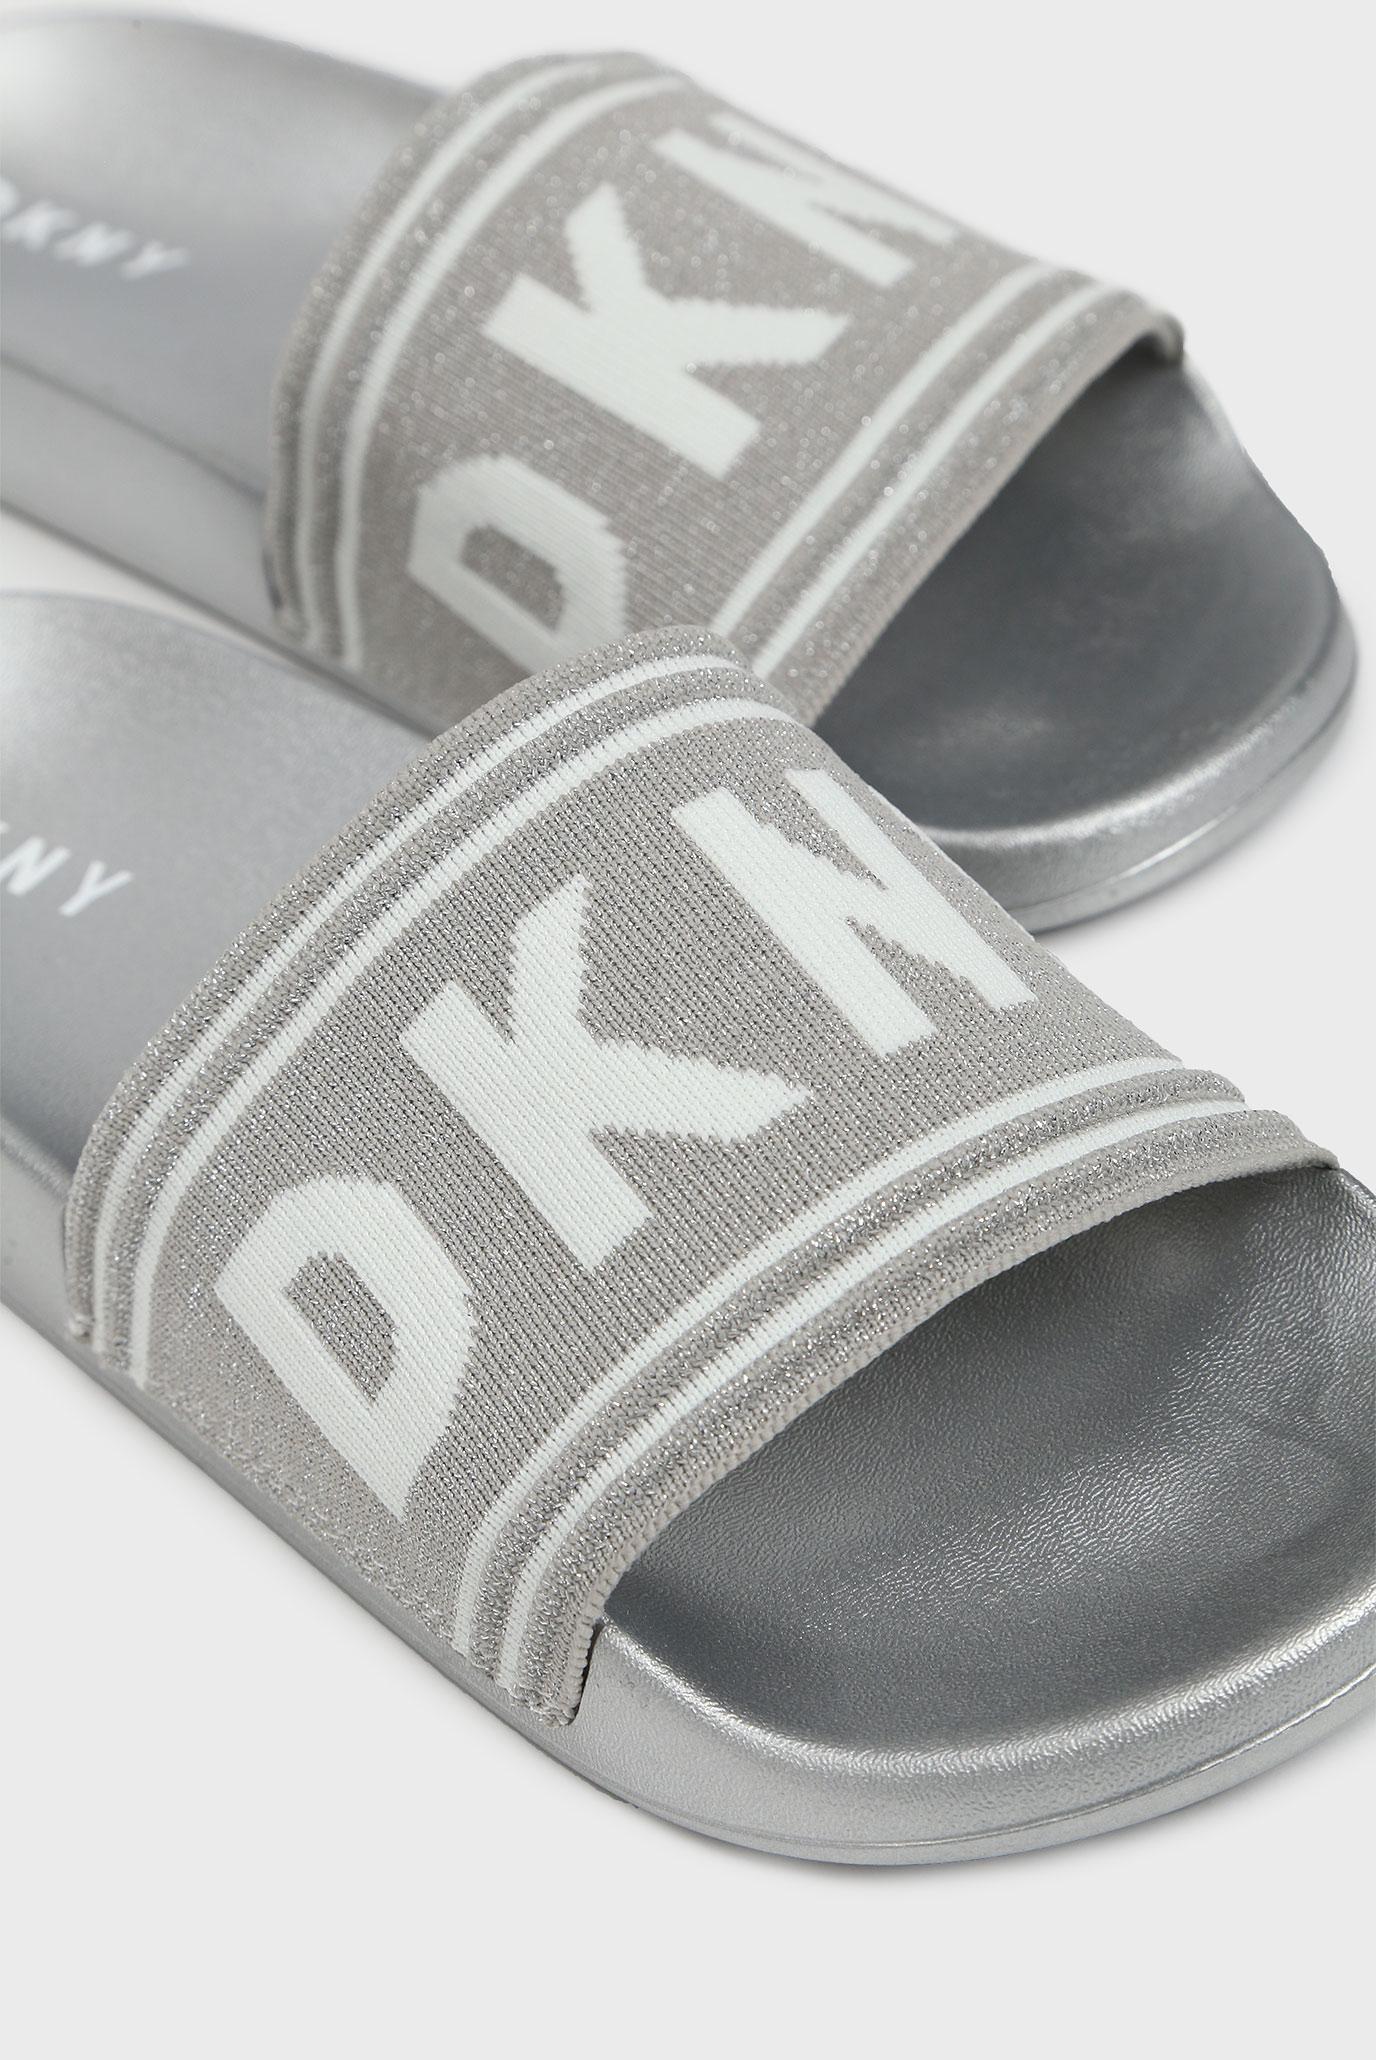 Купить Женские серые слайдеры ZORA DKNY DKNY K1919606 – Киев, Украина. Цены в интернет магазине MD Fashion